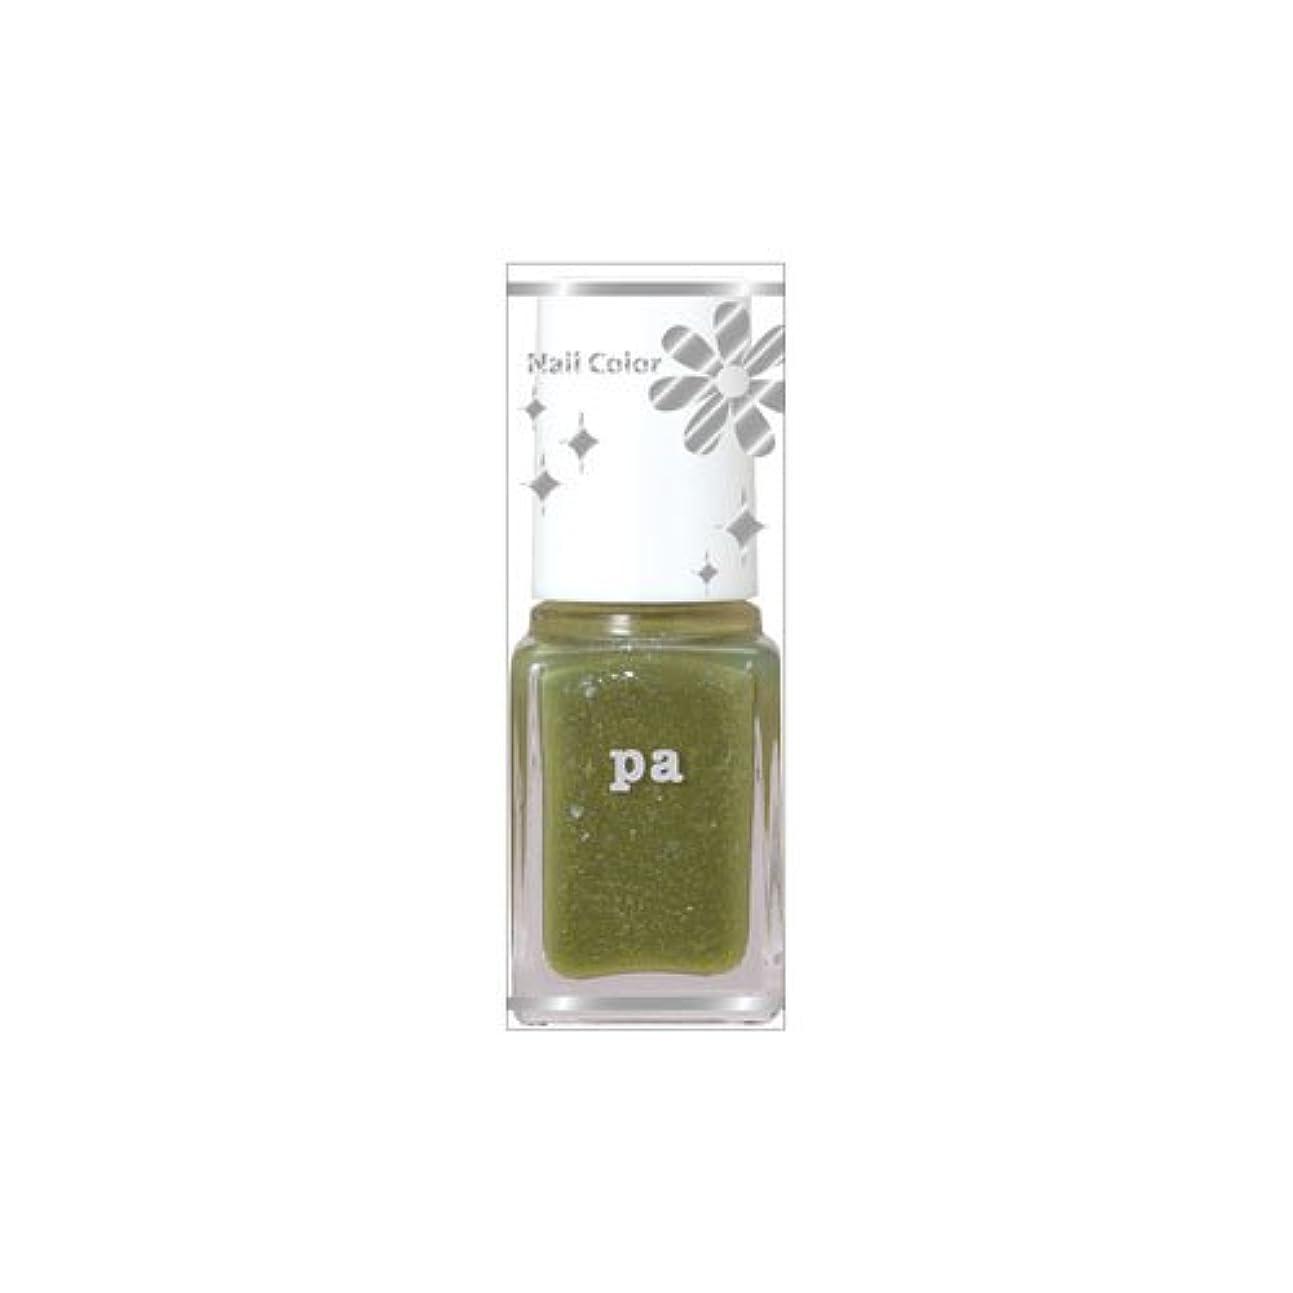 pa ネイルカラープレミア AA201 (6mL)